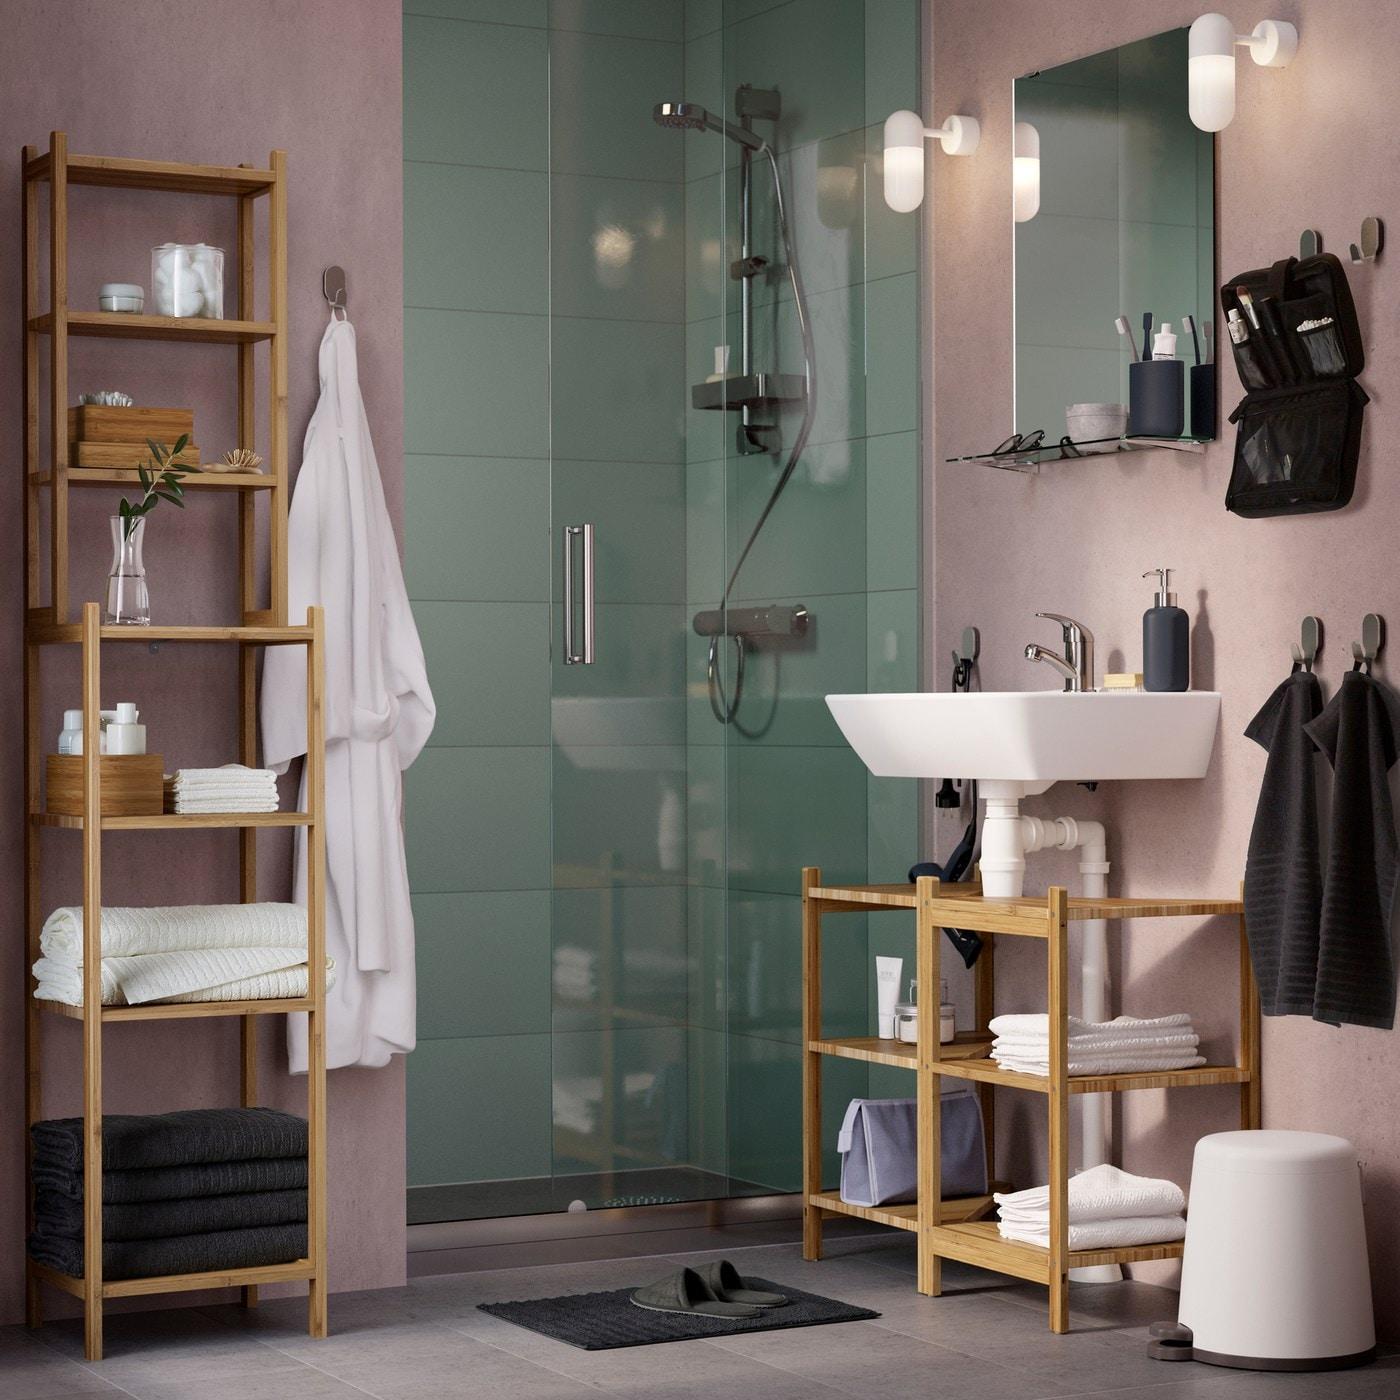 Salle de bain en beige et gris avec meuble lavabo/tablette d'angle RÅGRUND en bambou.